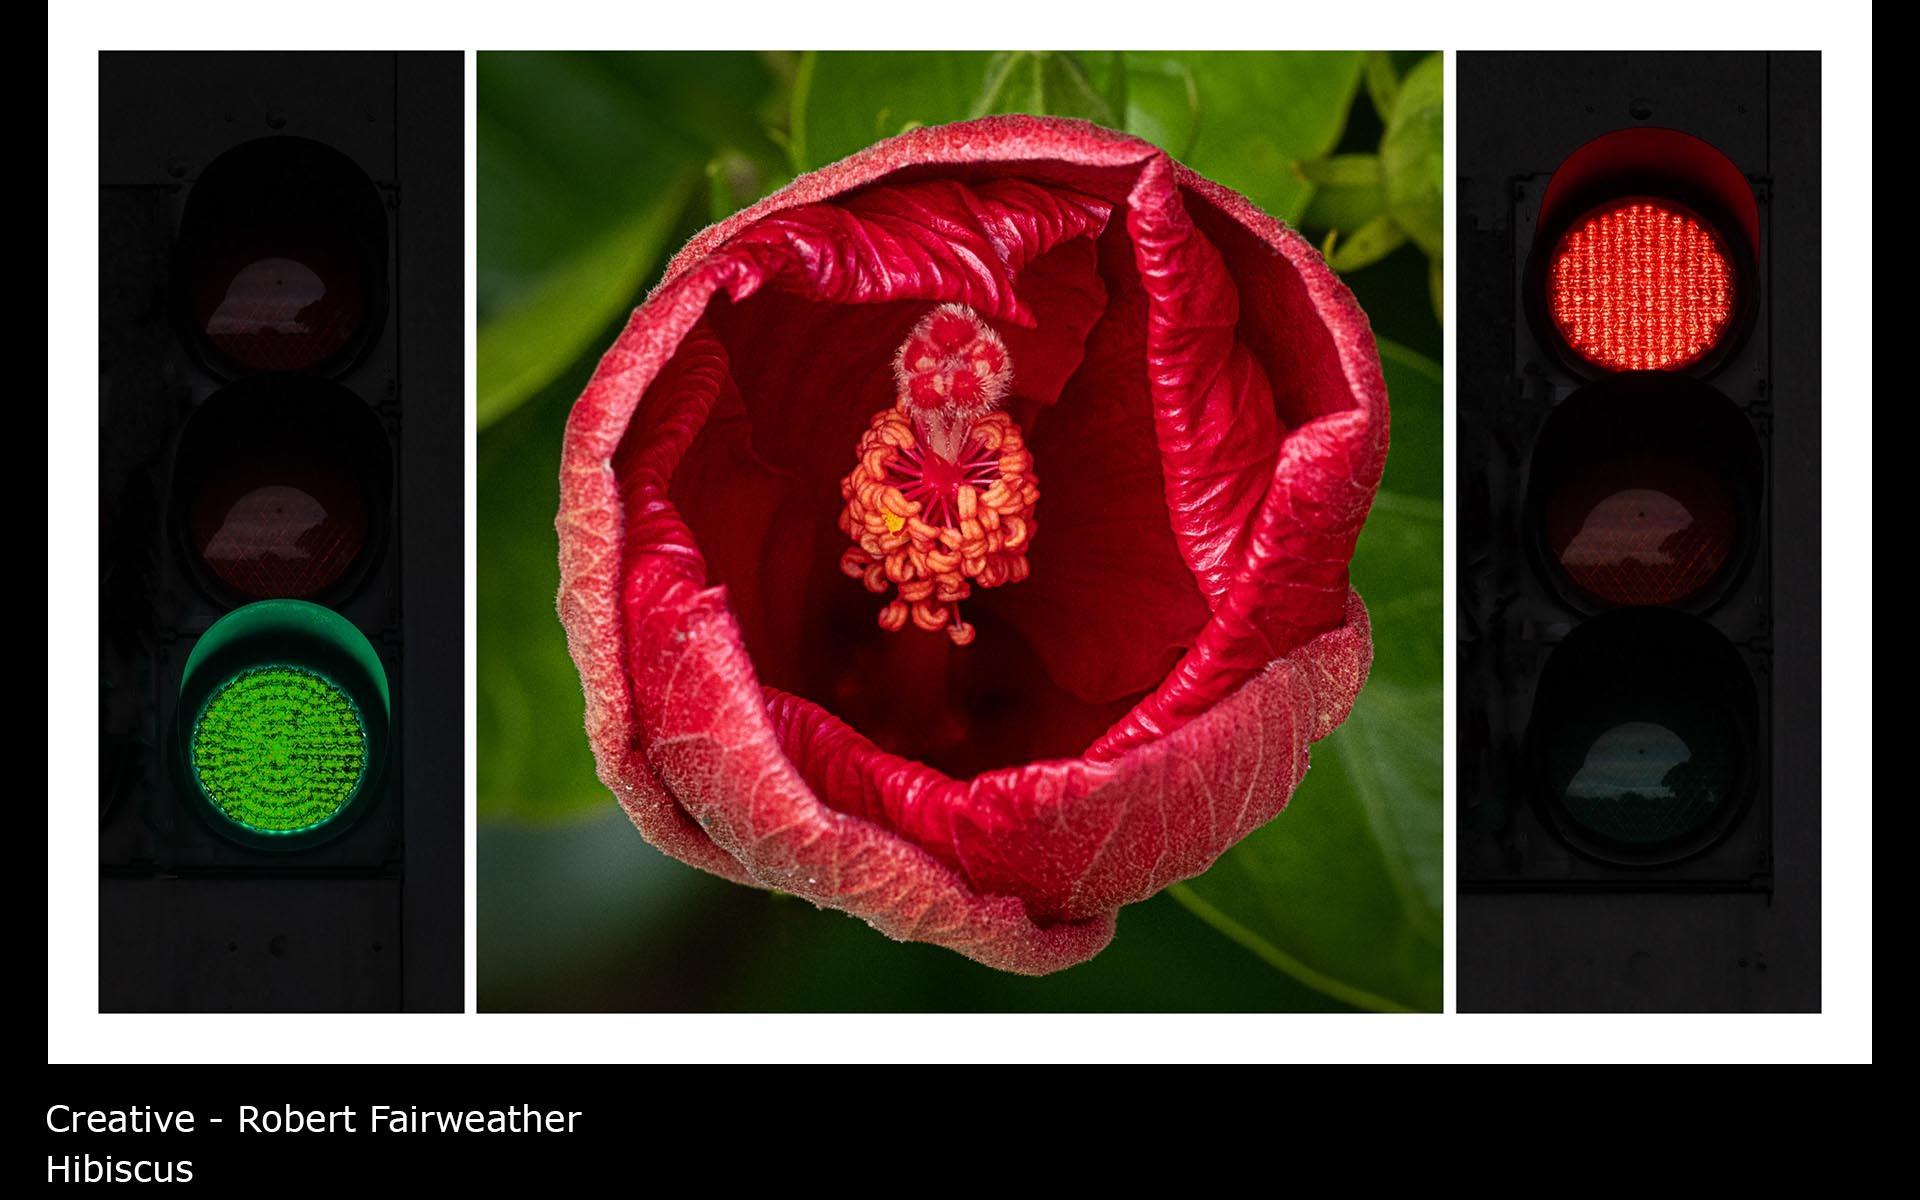 Hibiscus - Robert Fairweather